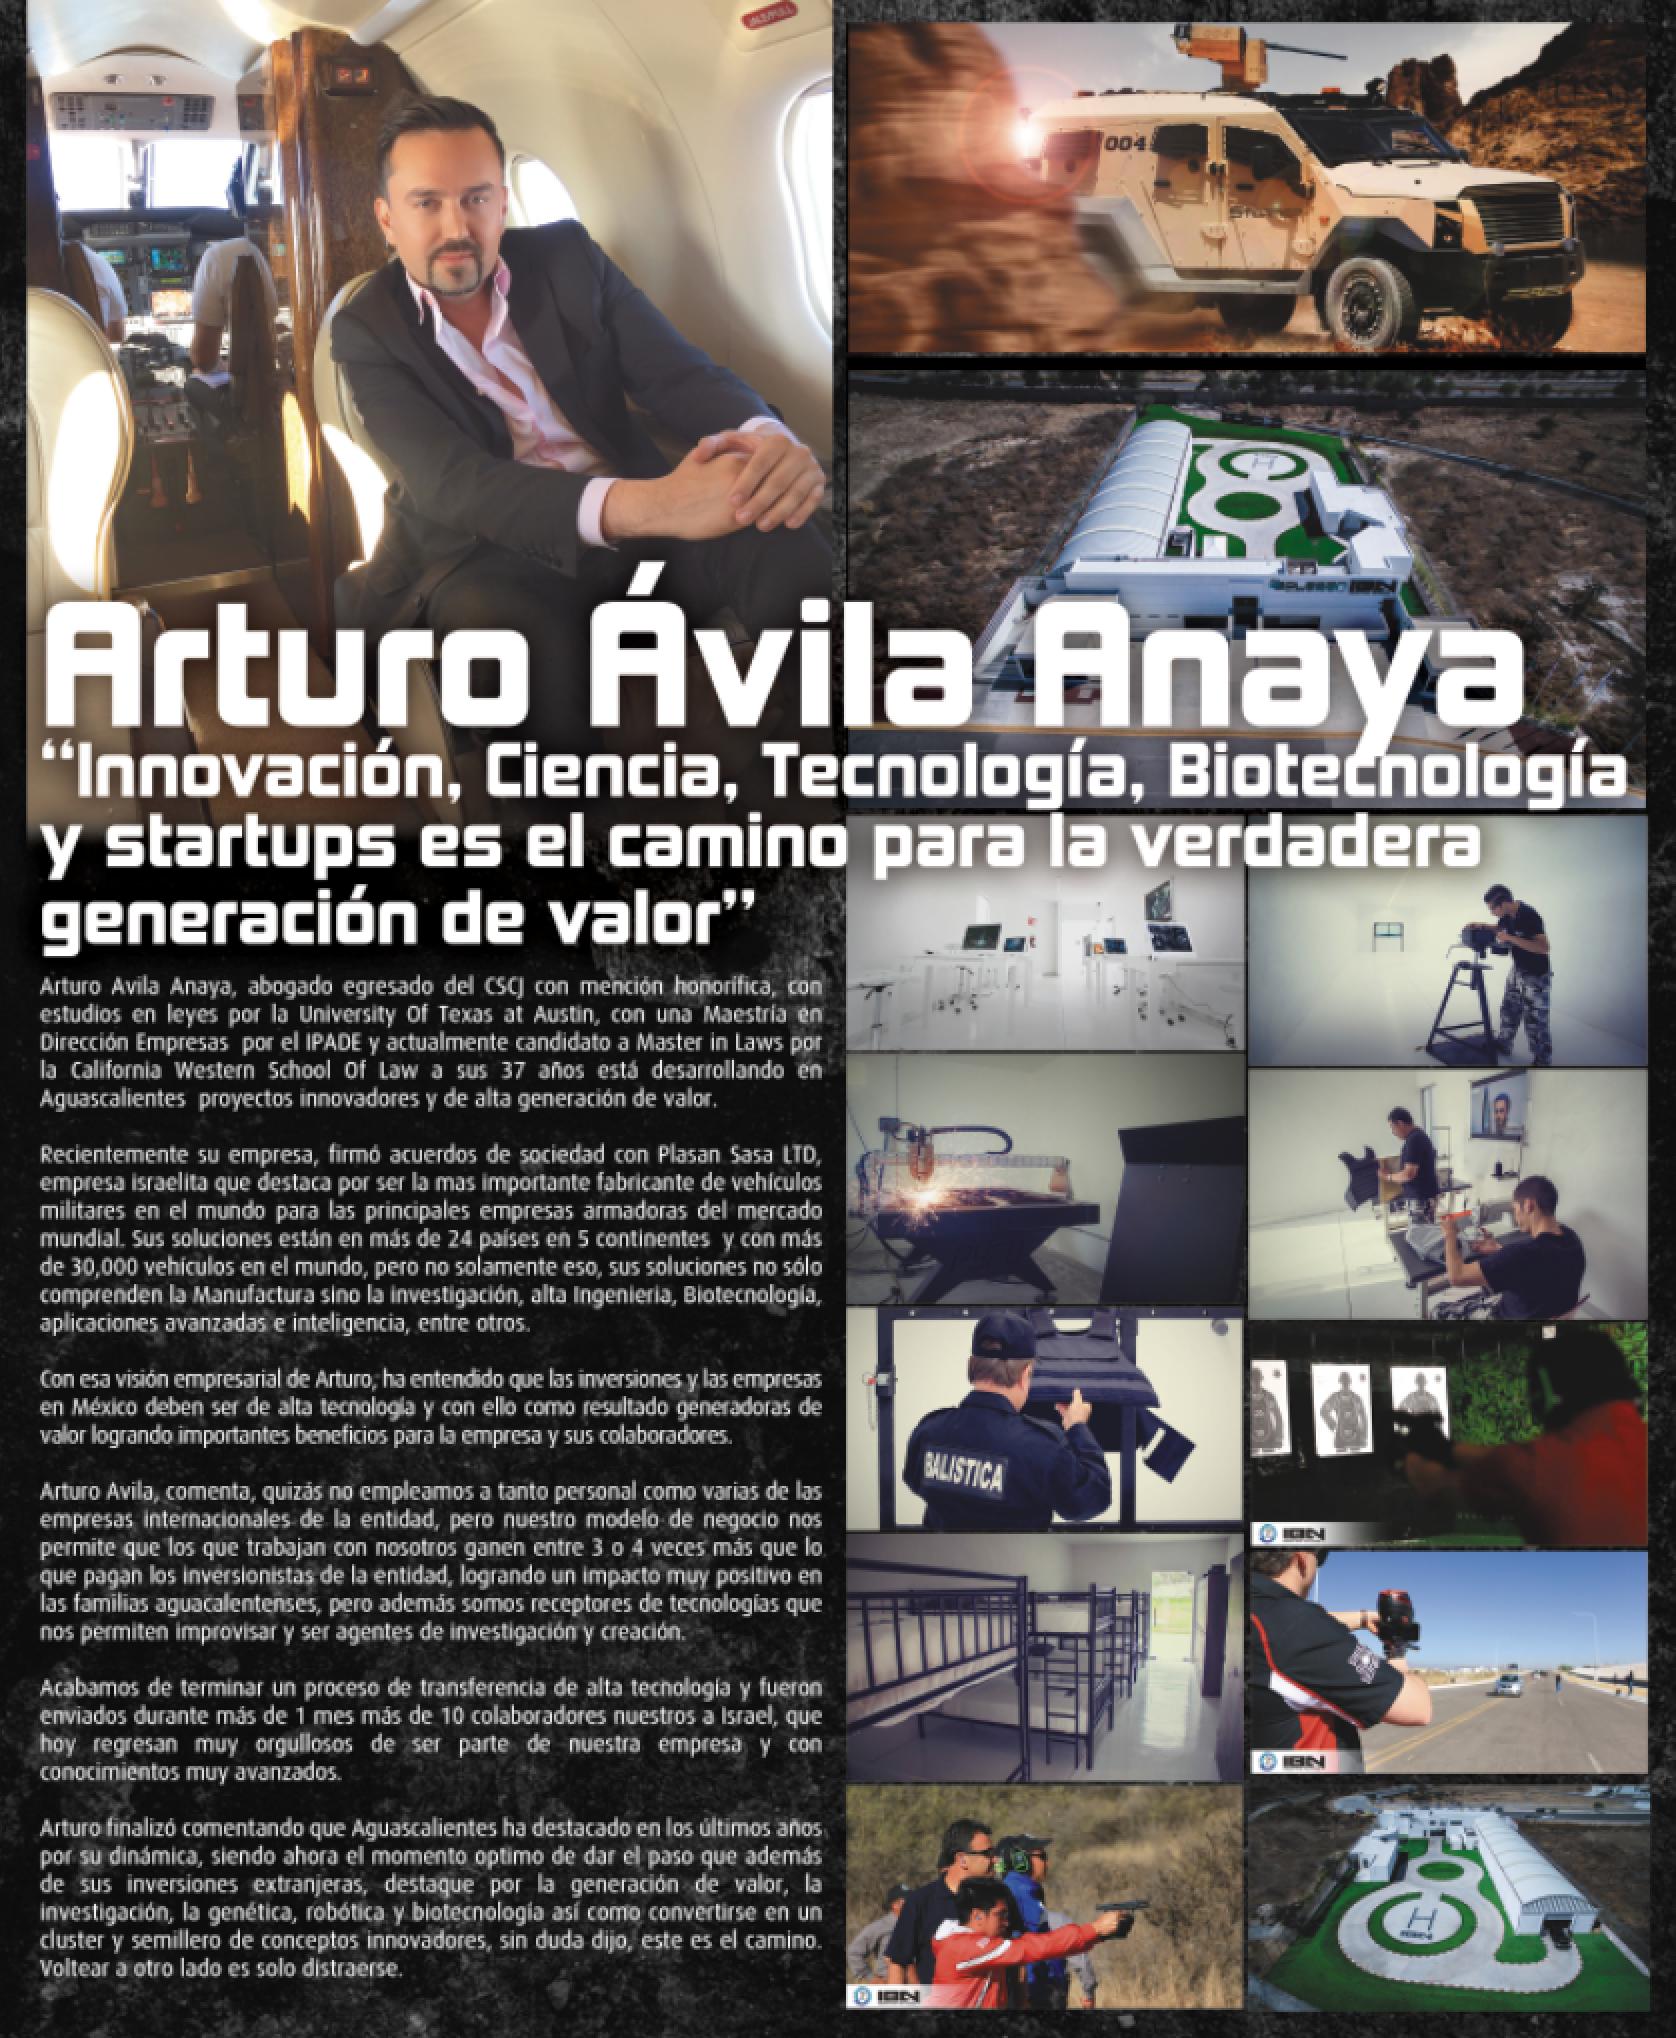 NOTA A ARTURO ÁVILA ANAYA, MBA EN REVISTA BLANCO Y NEGRO 27 DE MAYO 2016